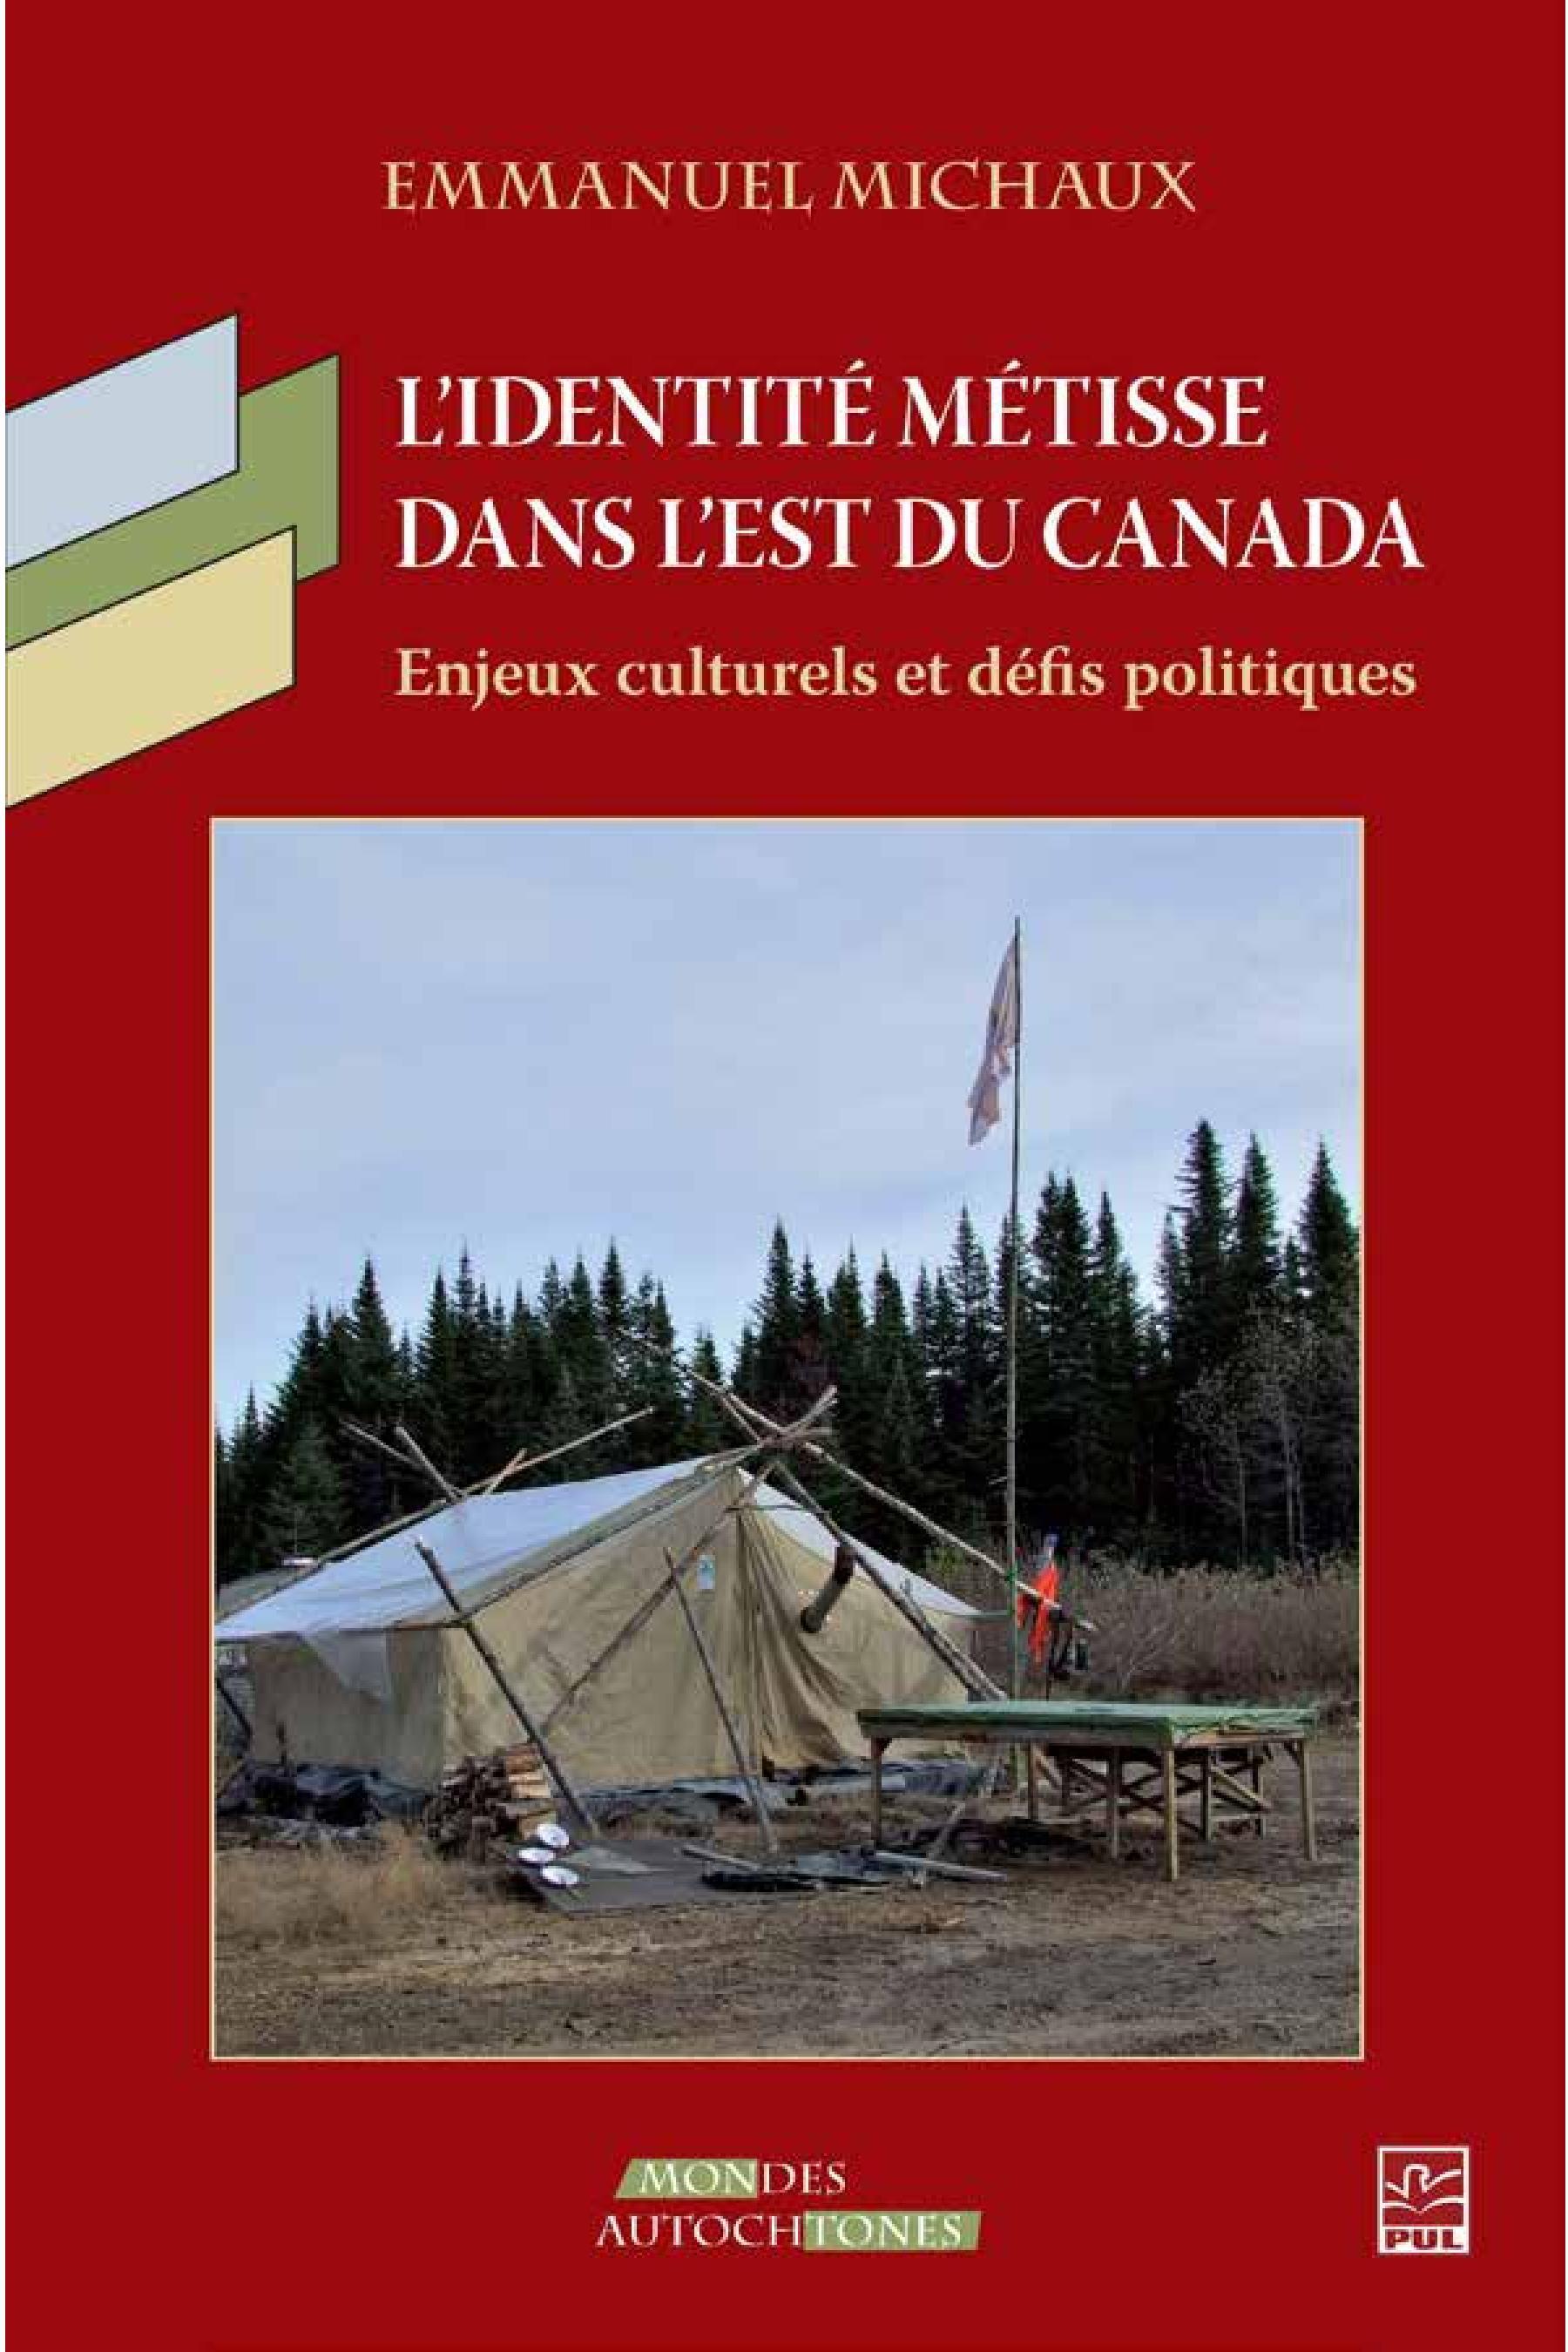 L'identité métisse dans l'est du Canada: Enjeux culturels et défis politiques